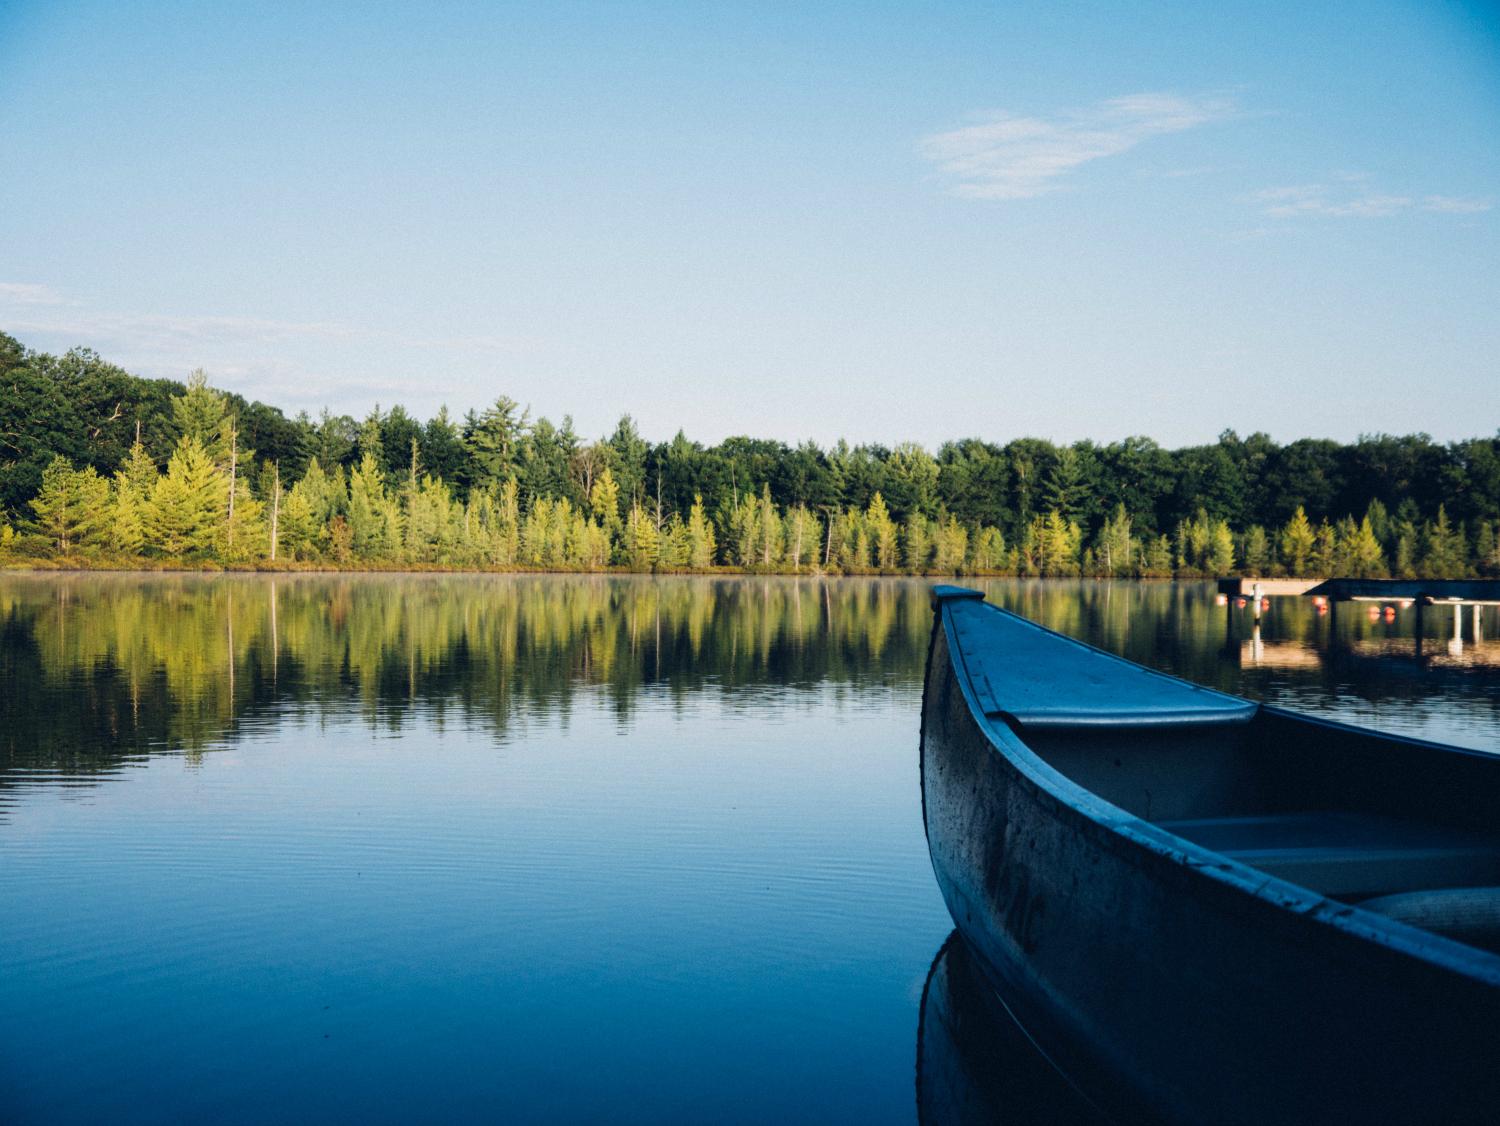 lake_1500.jpg